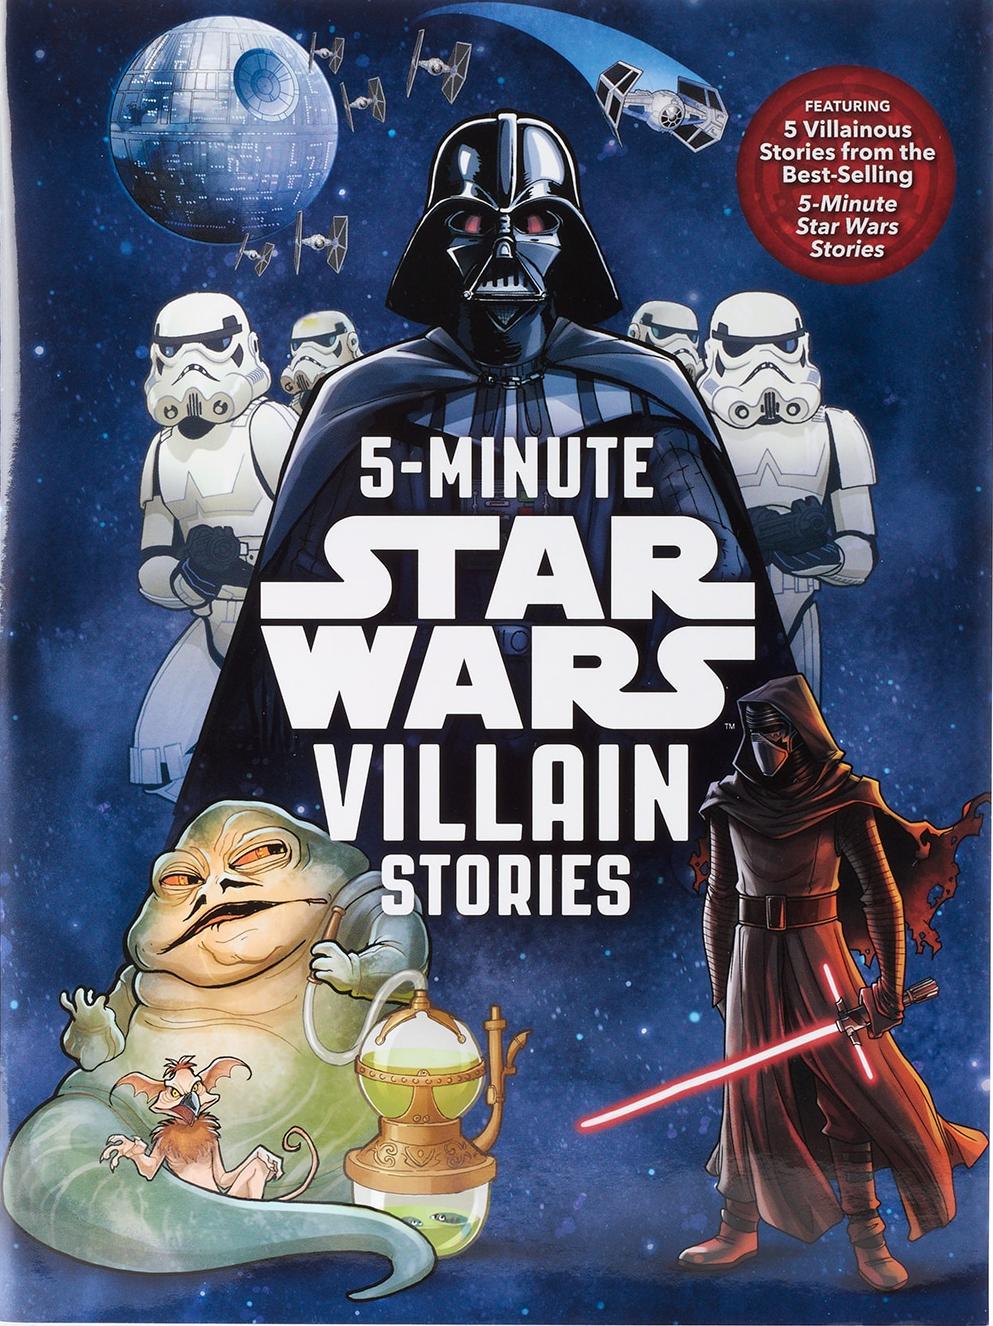 5-минутные истории злодеев Звёздных войн